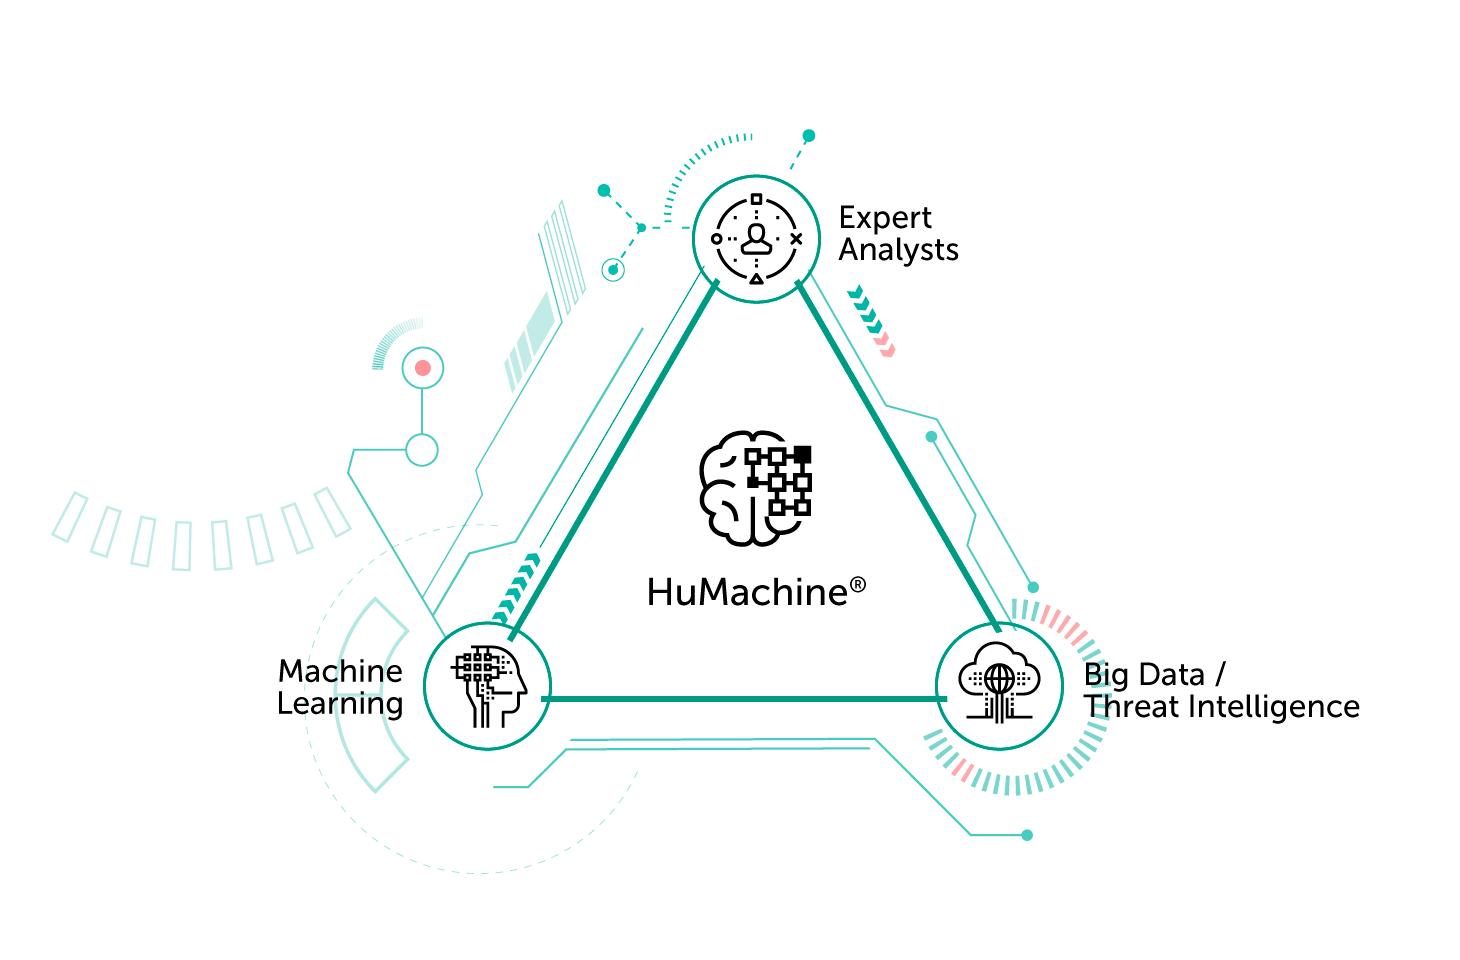 Cos'è HuMachine: apprendimento automatico unito a big data, threat intelligence e analisi di esperti.